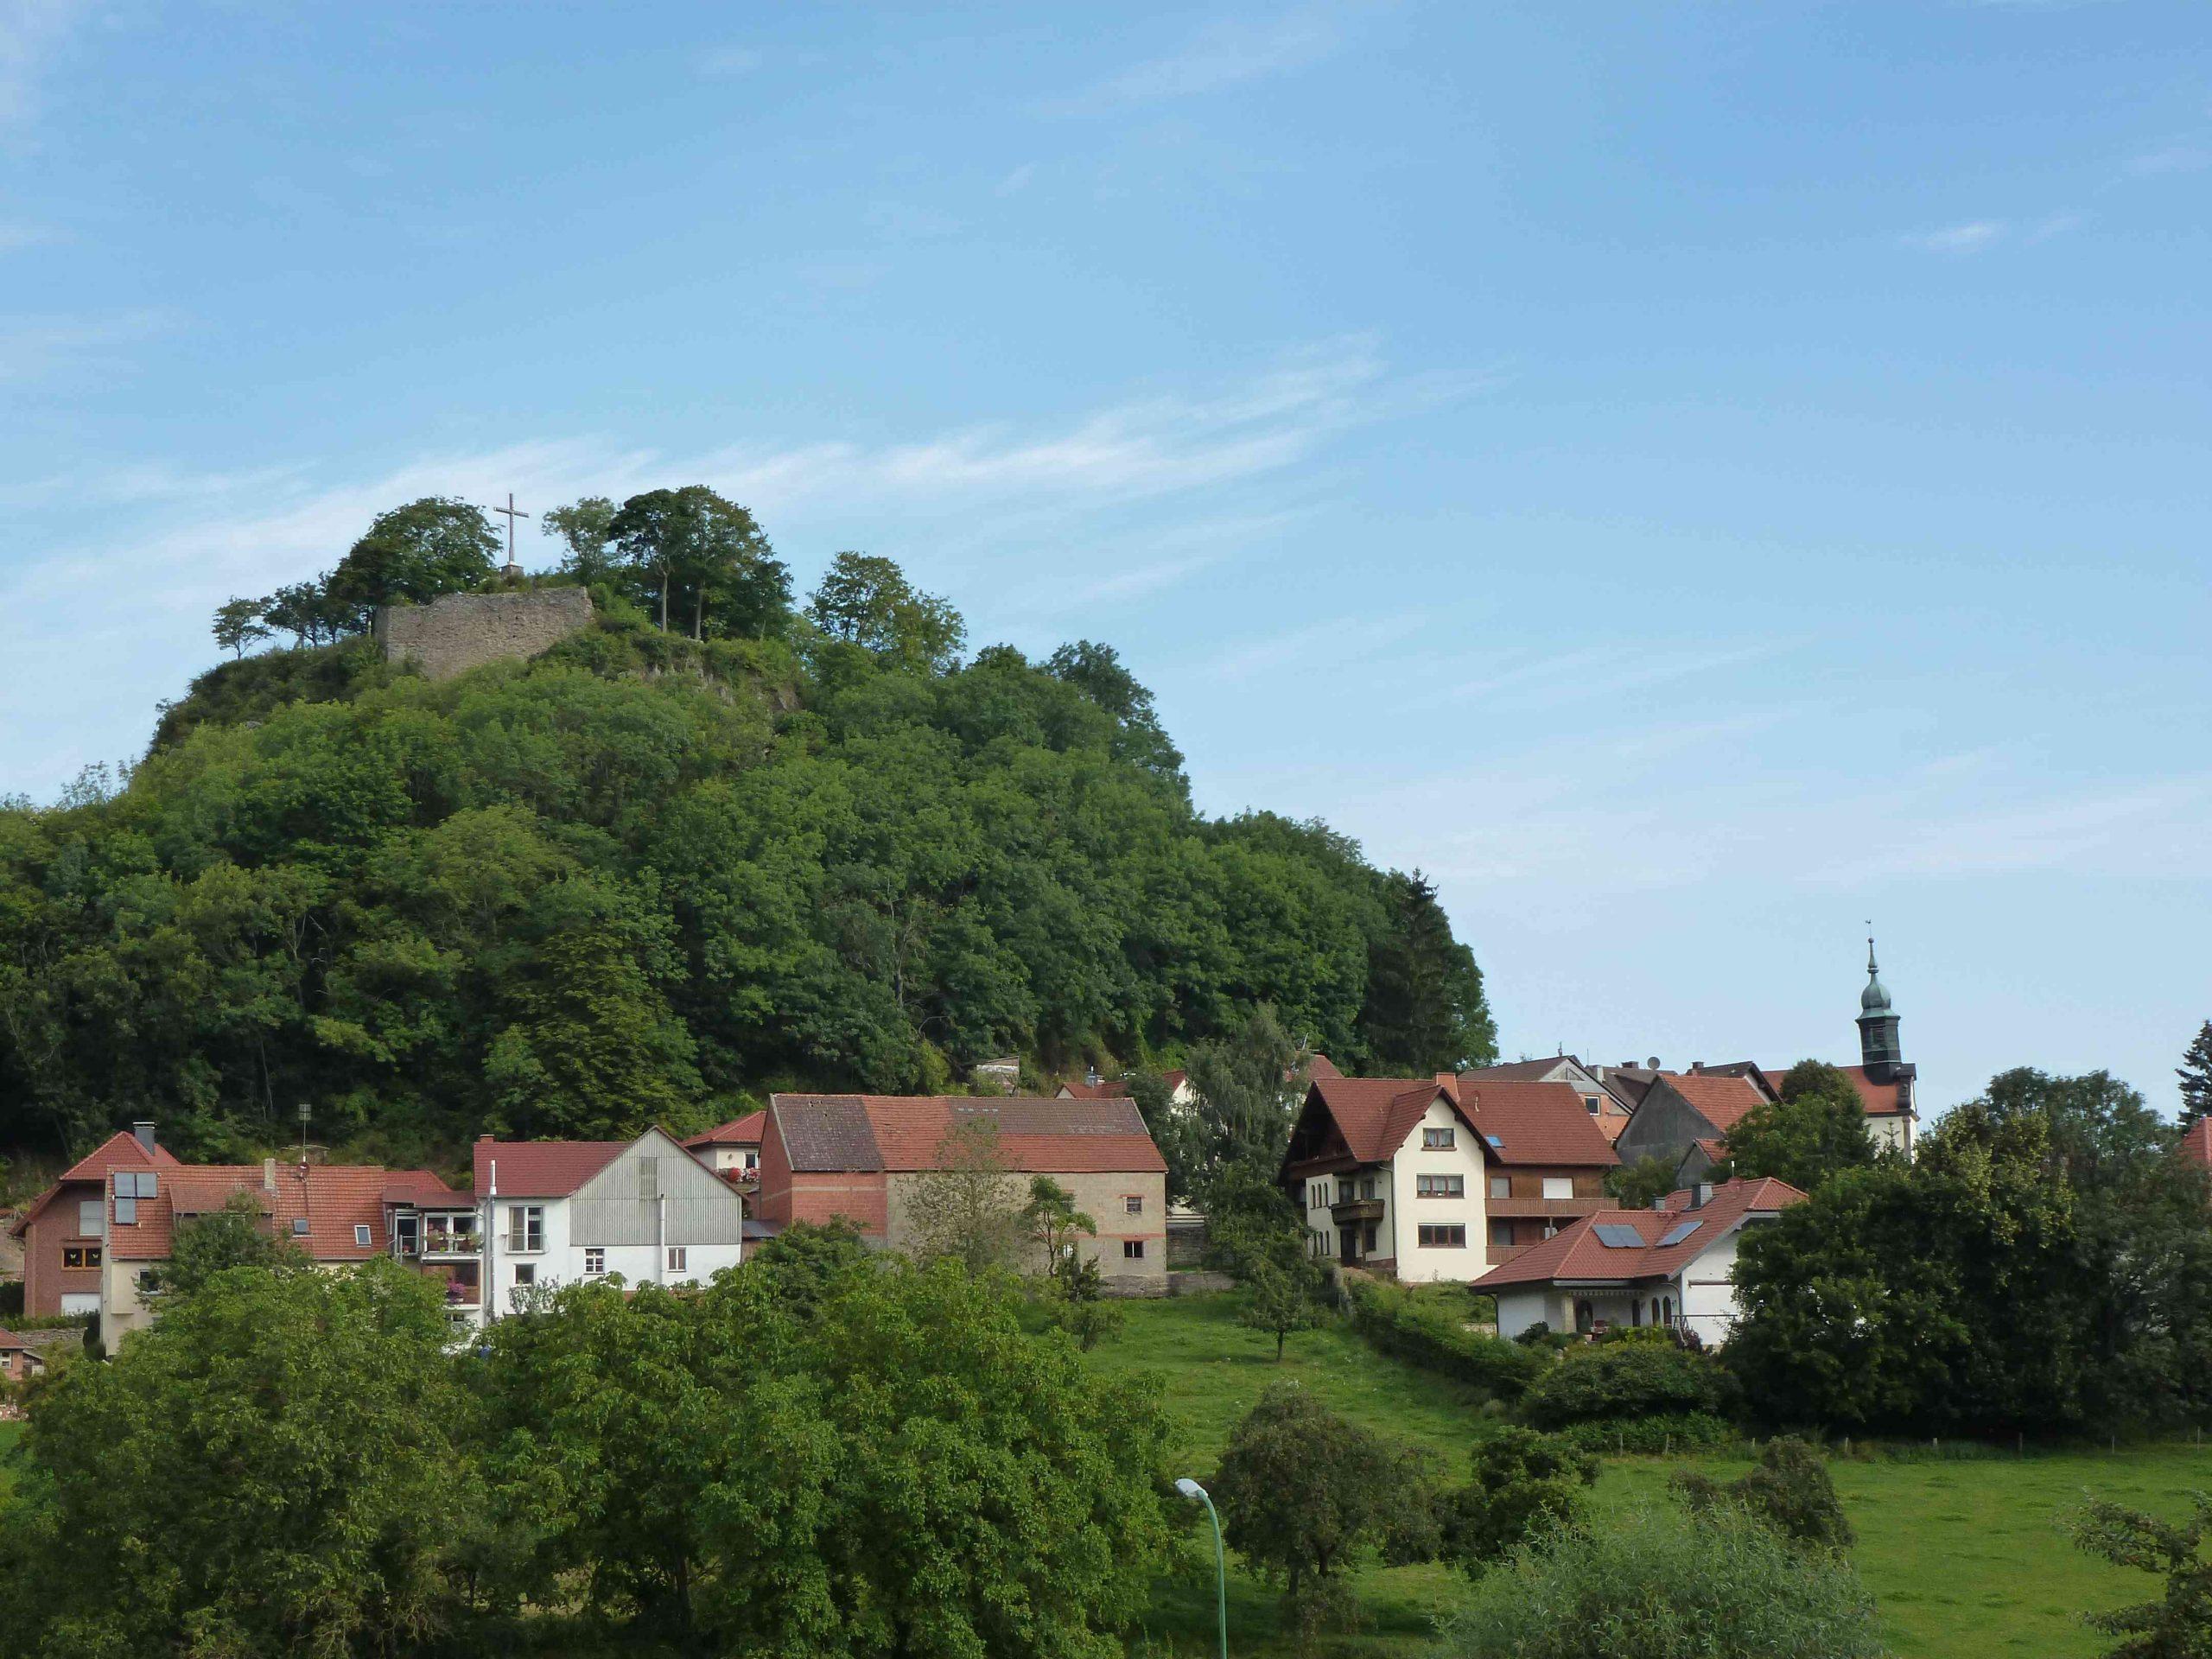 Haselstein, Lkr. Fulda